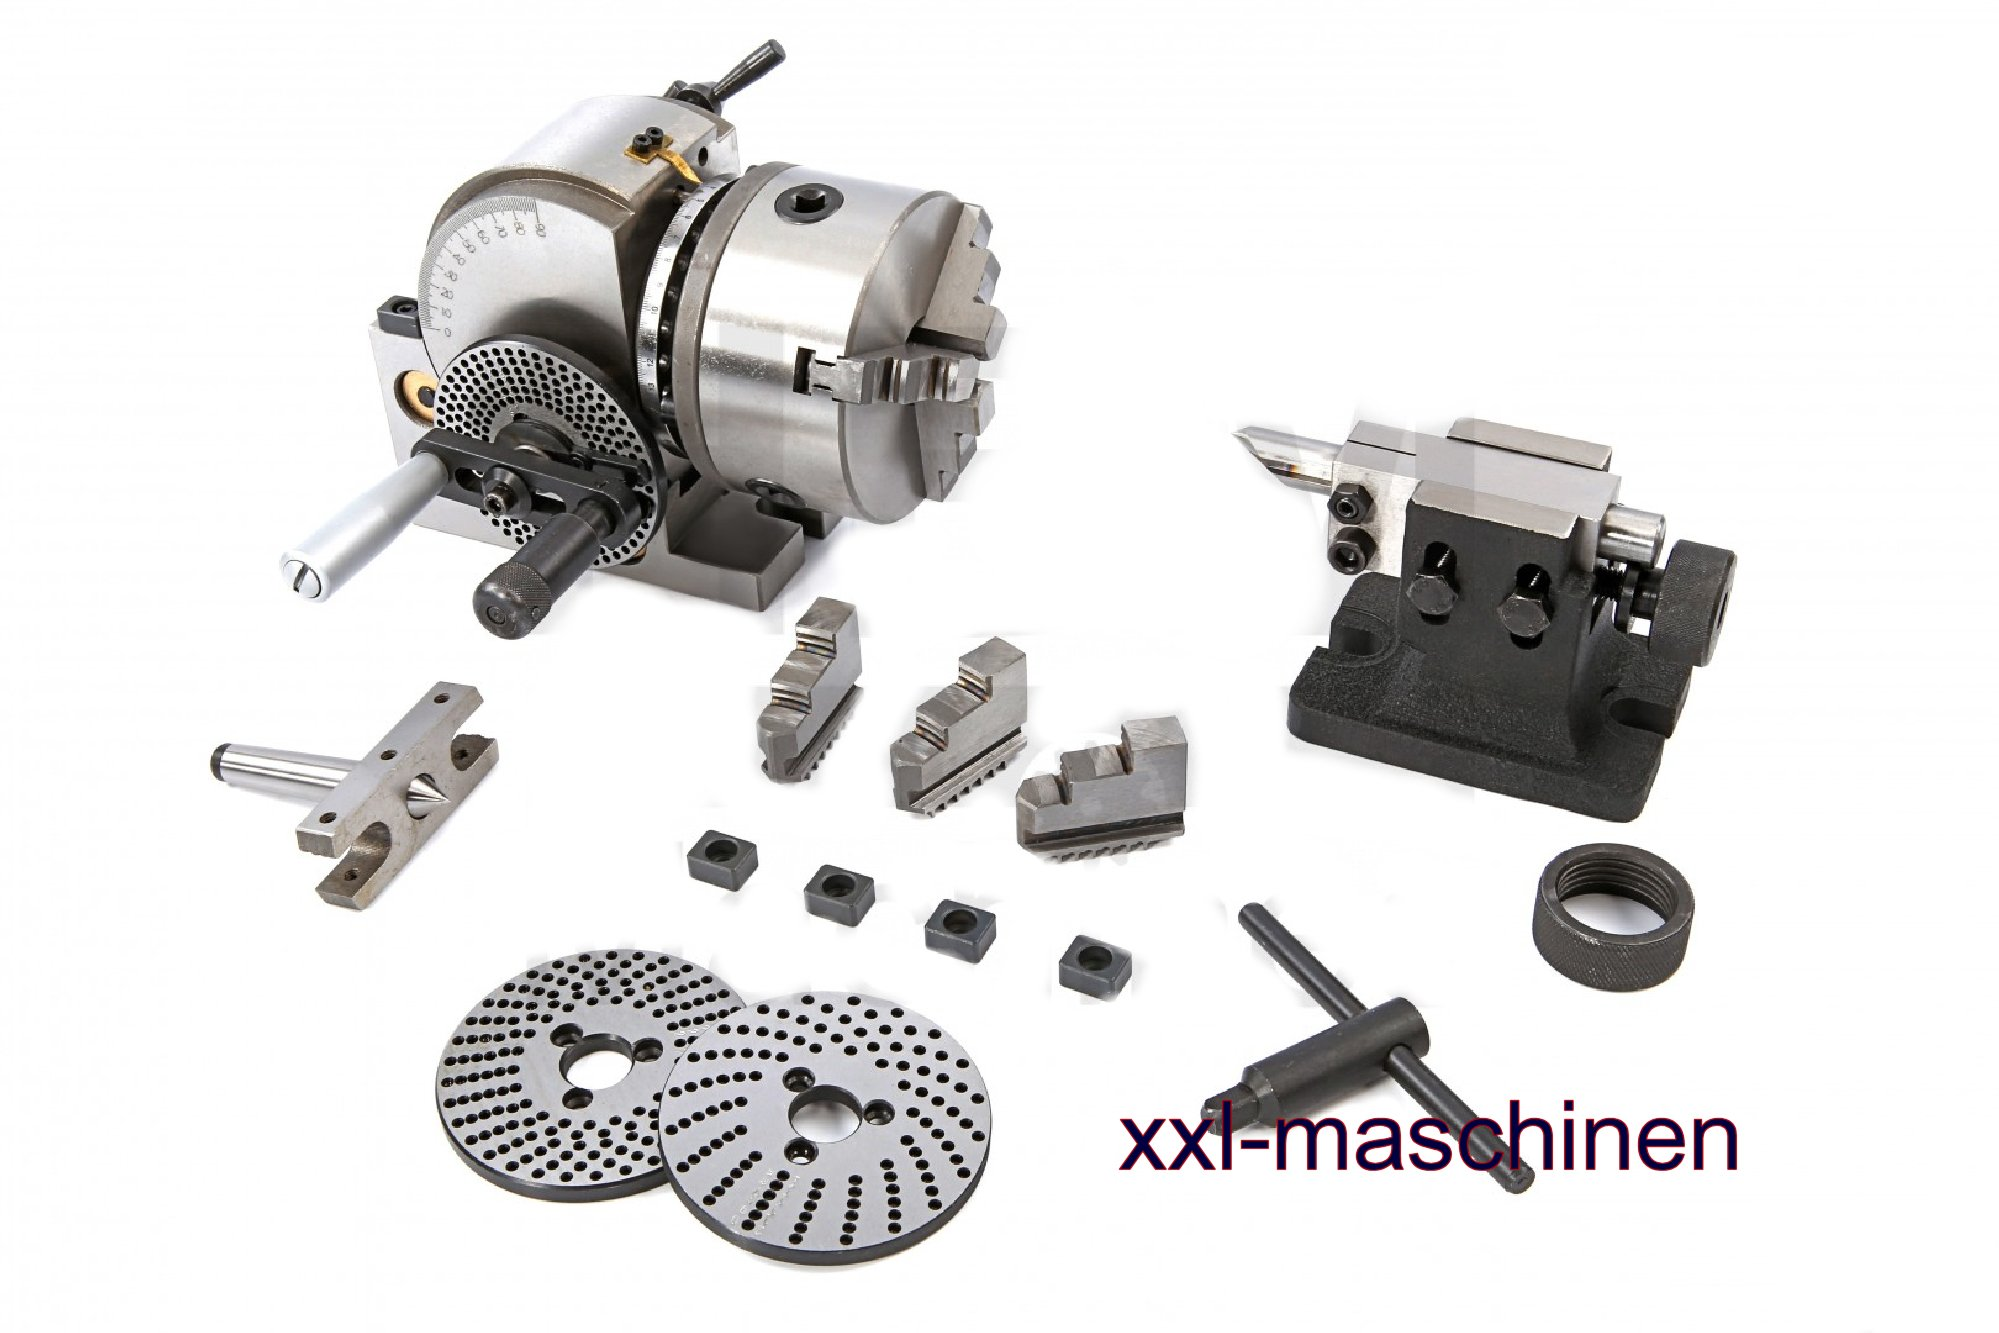 Teilapparat Rundtisch Rundteiltisch MT-2 150mm Horizontal-Vertikal Teilkopf